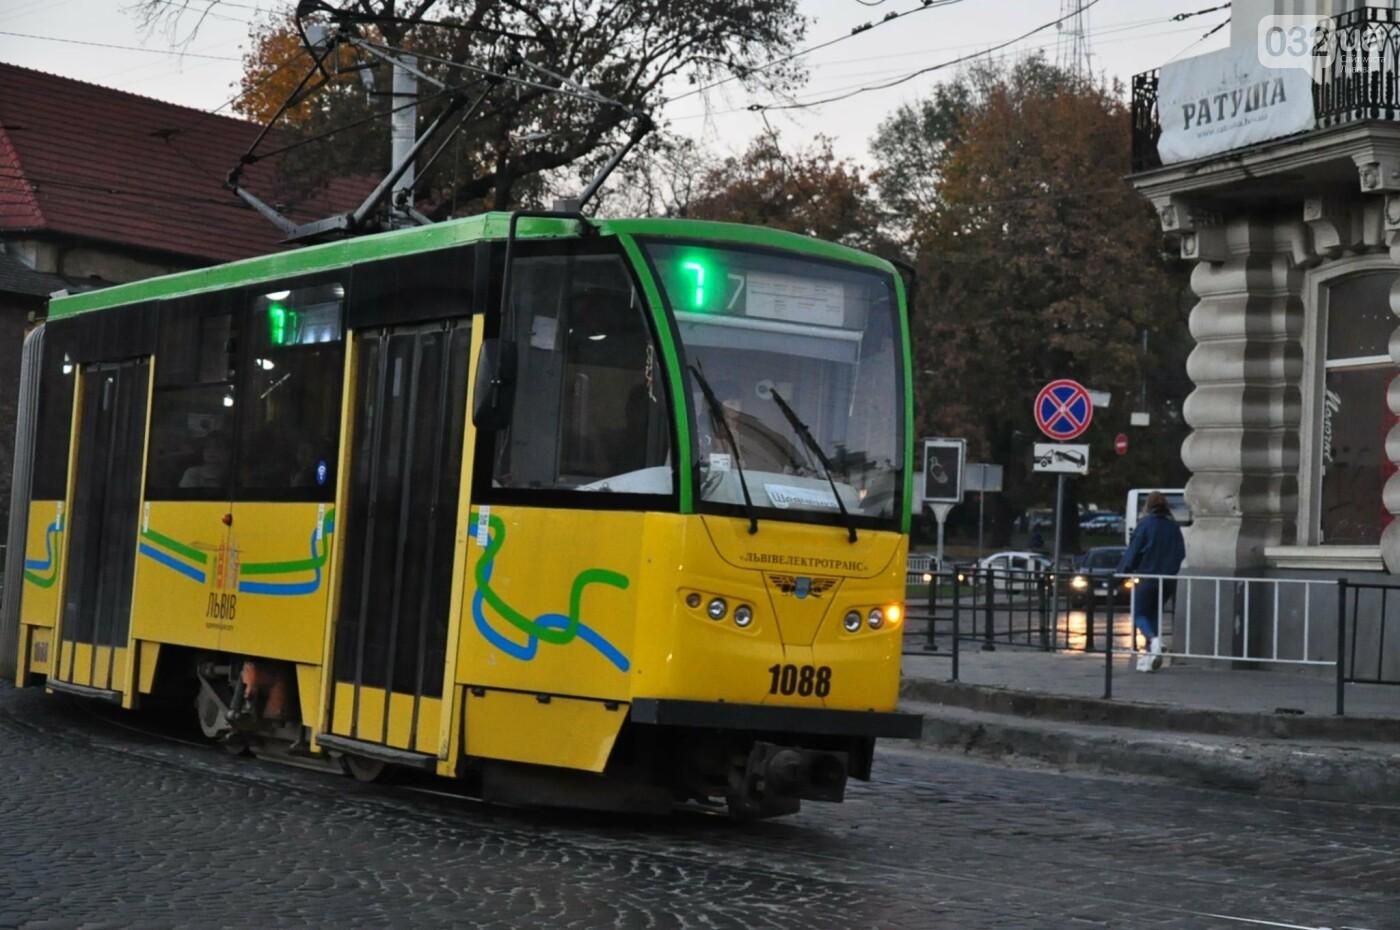 Фото: трамвай №7/ 032.ua